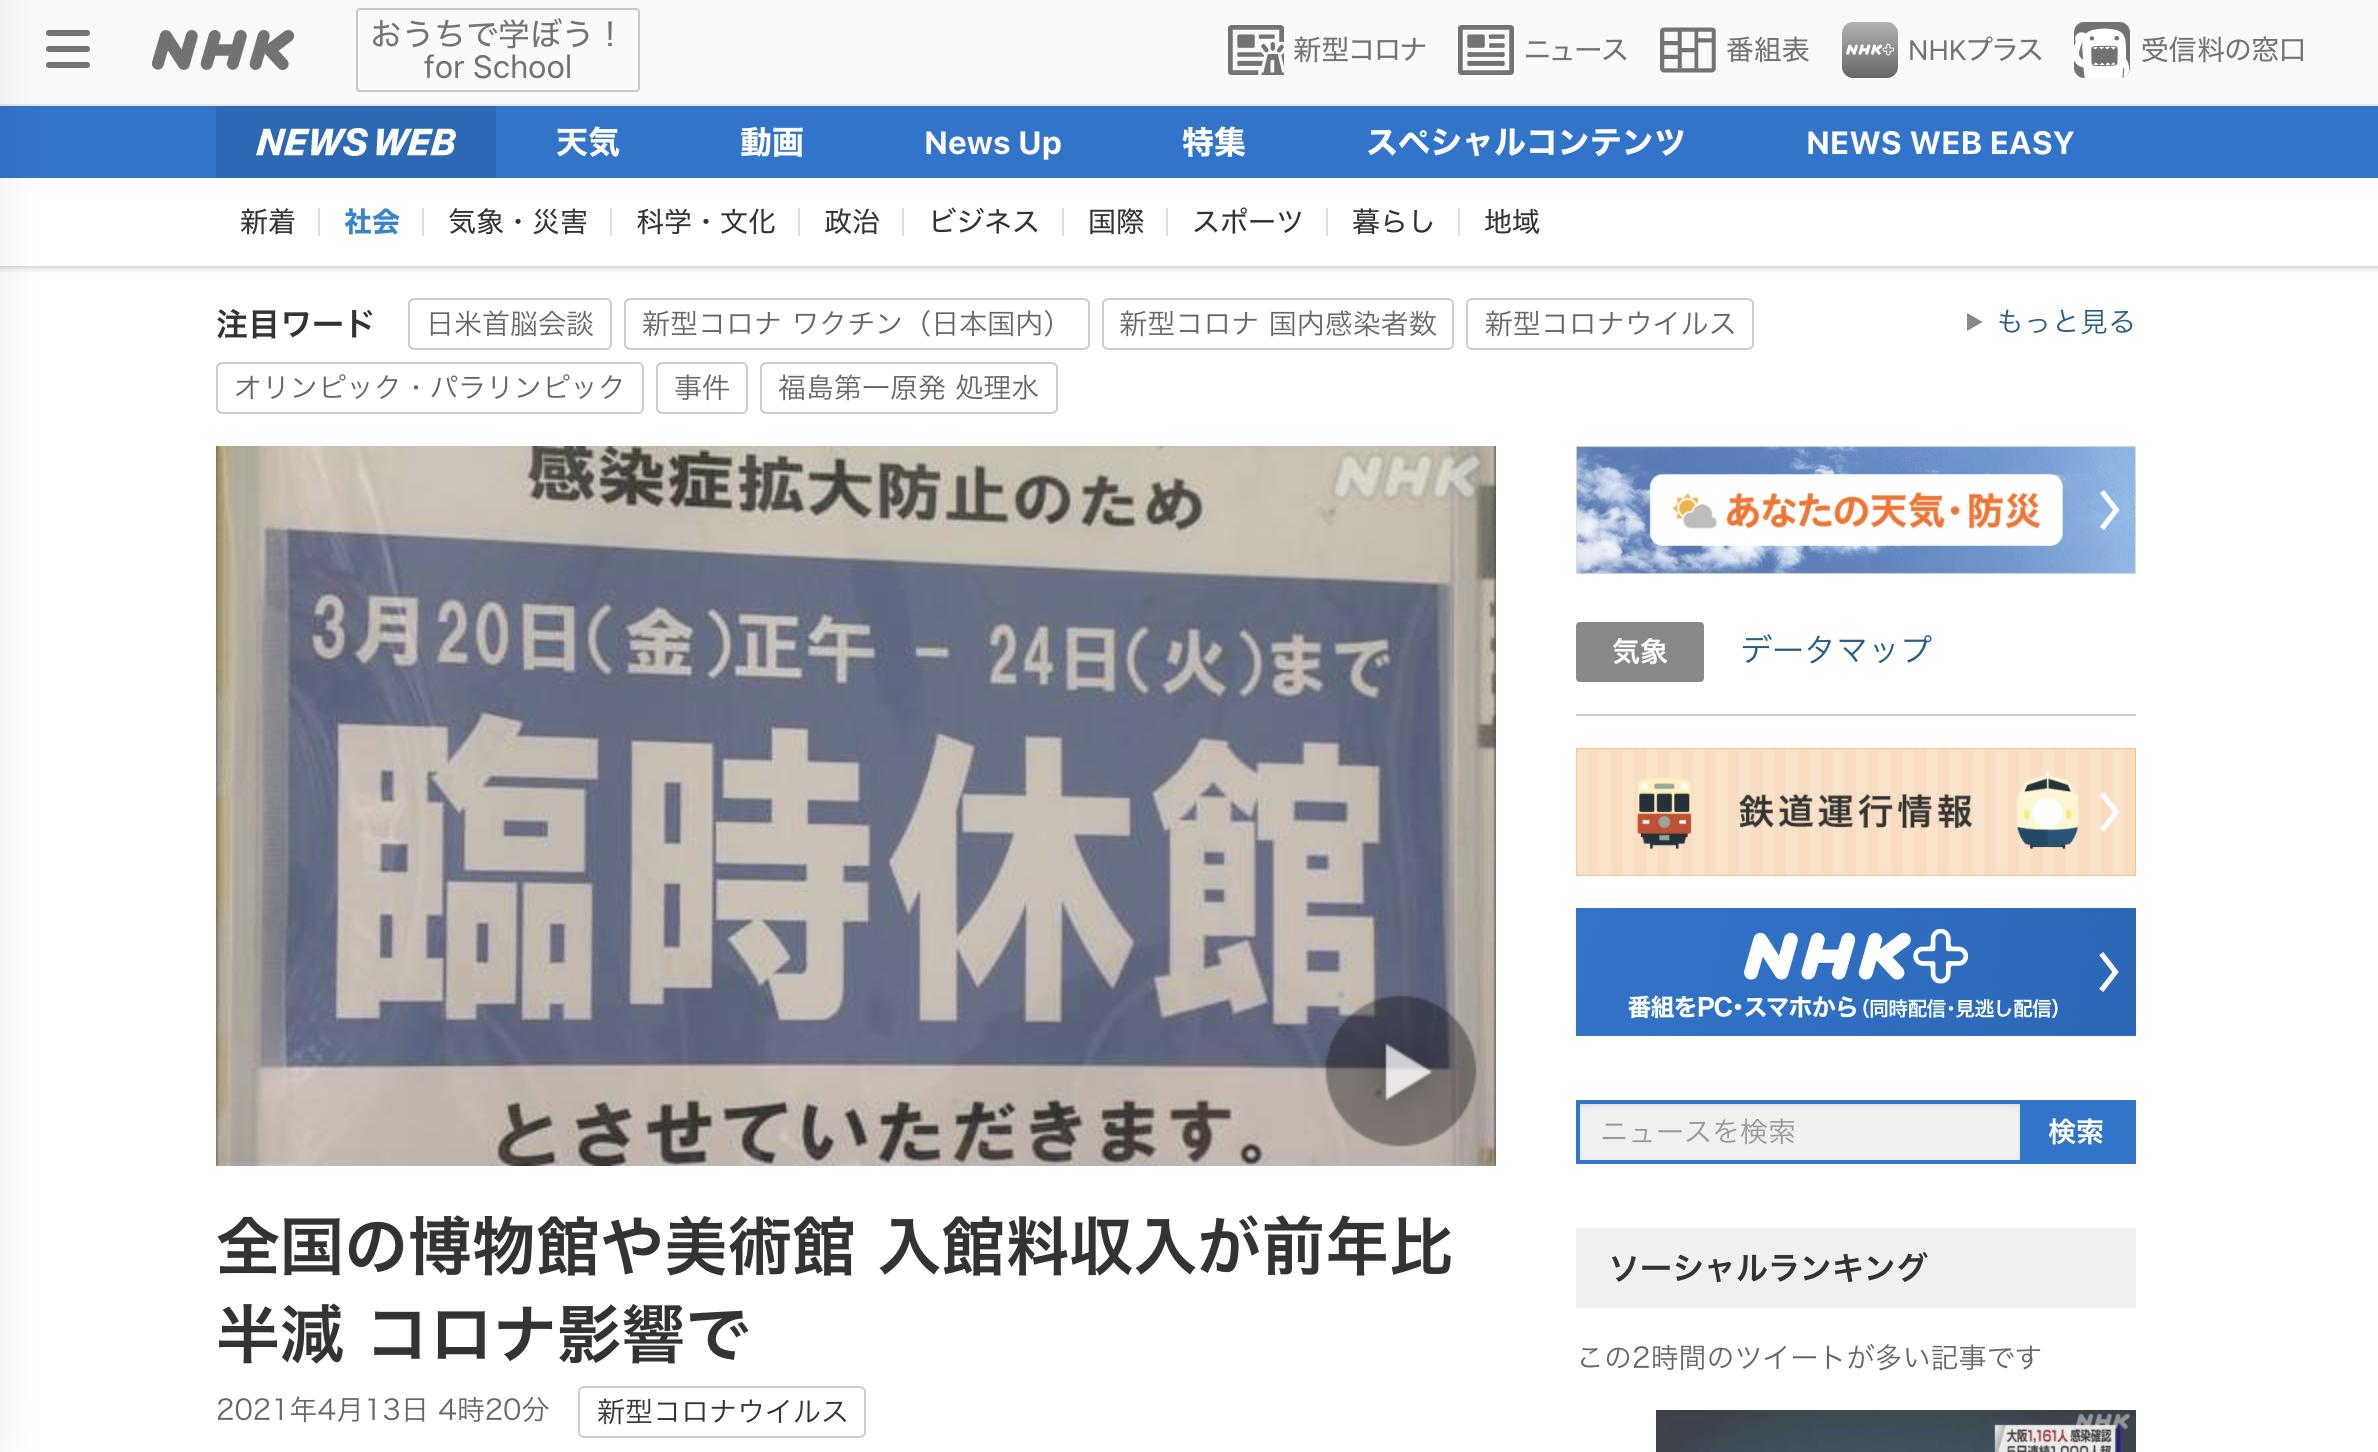 NHKの博物館の入館者数半減についてのニュース